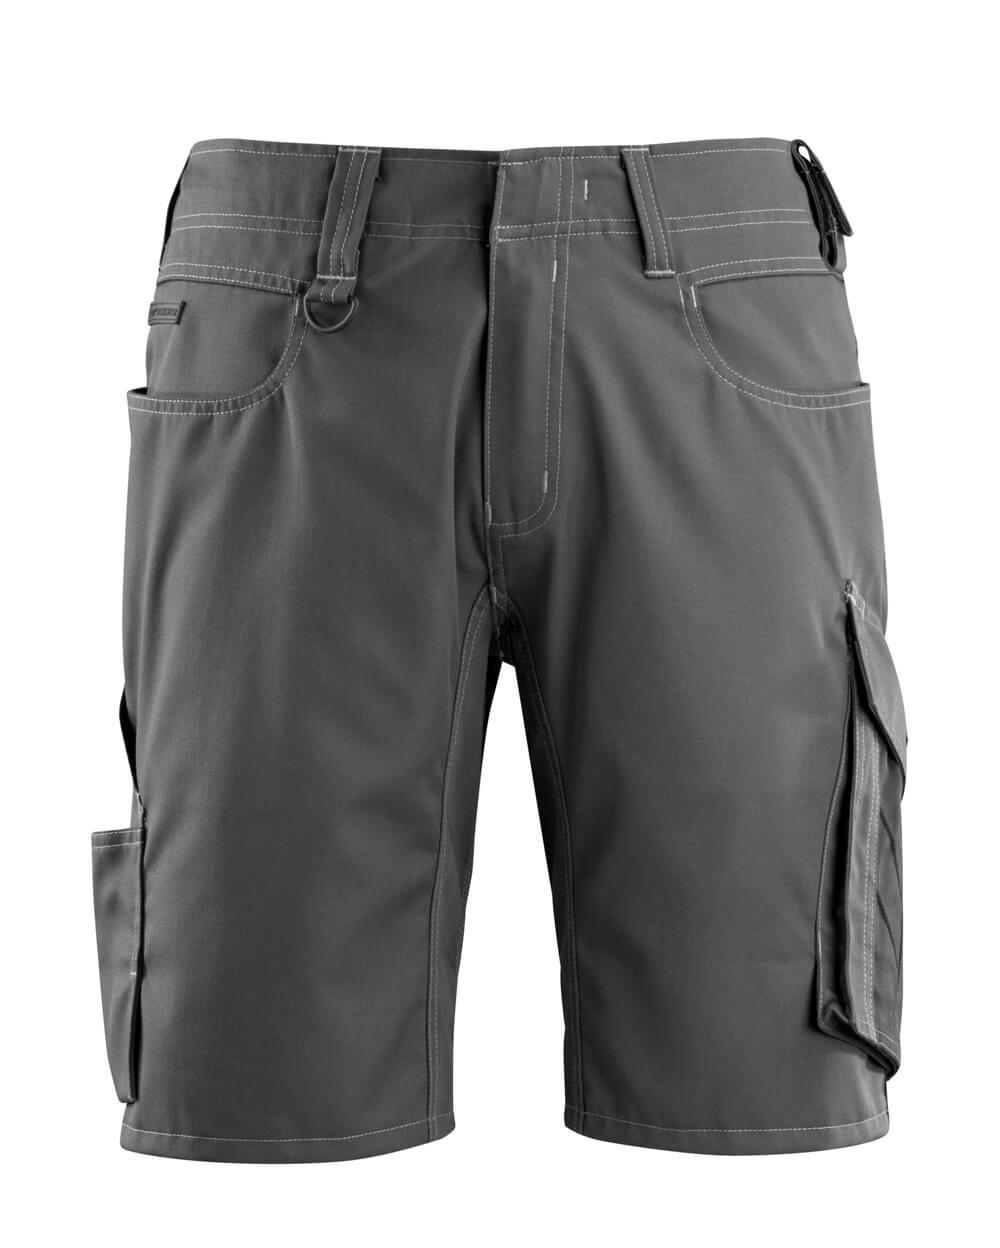 12049-442-1809 Shorts - mørk antrasitt/svart